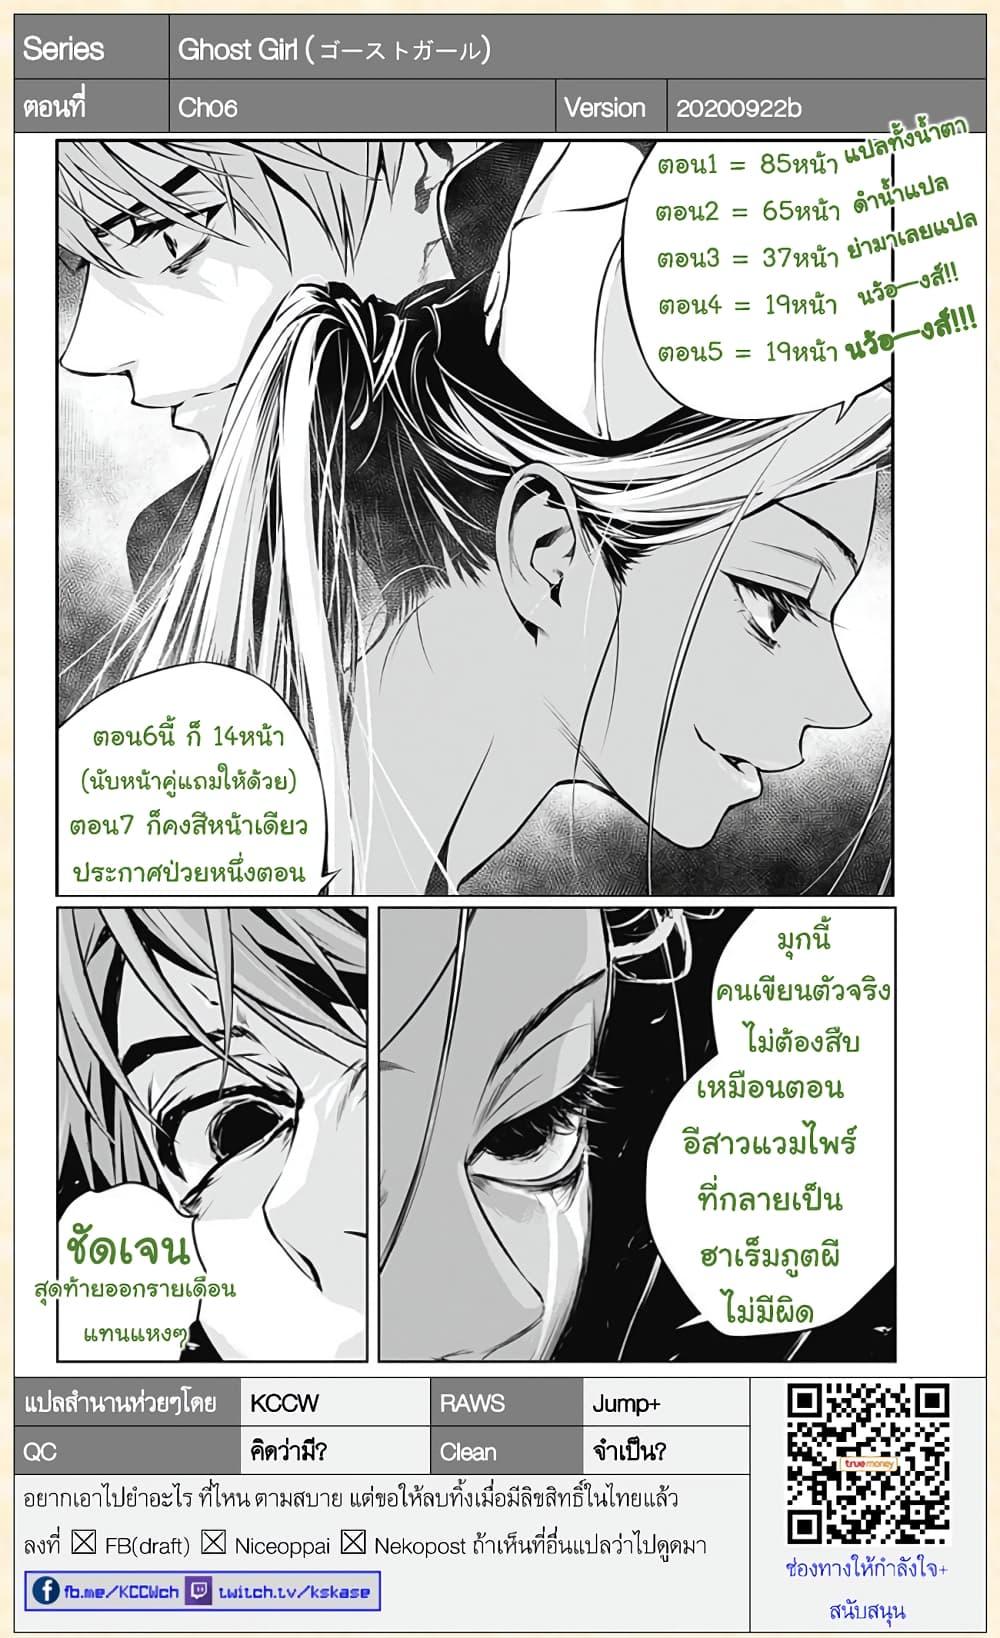 อ่านการ์ตูน Ghost Girl ตอนที่ 6 หน้าที่ 14